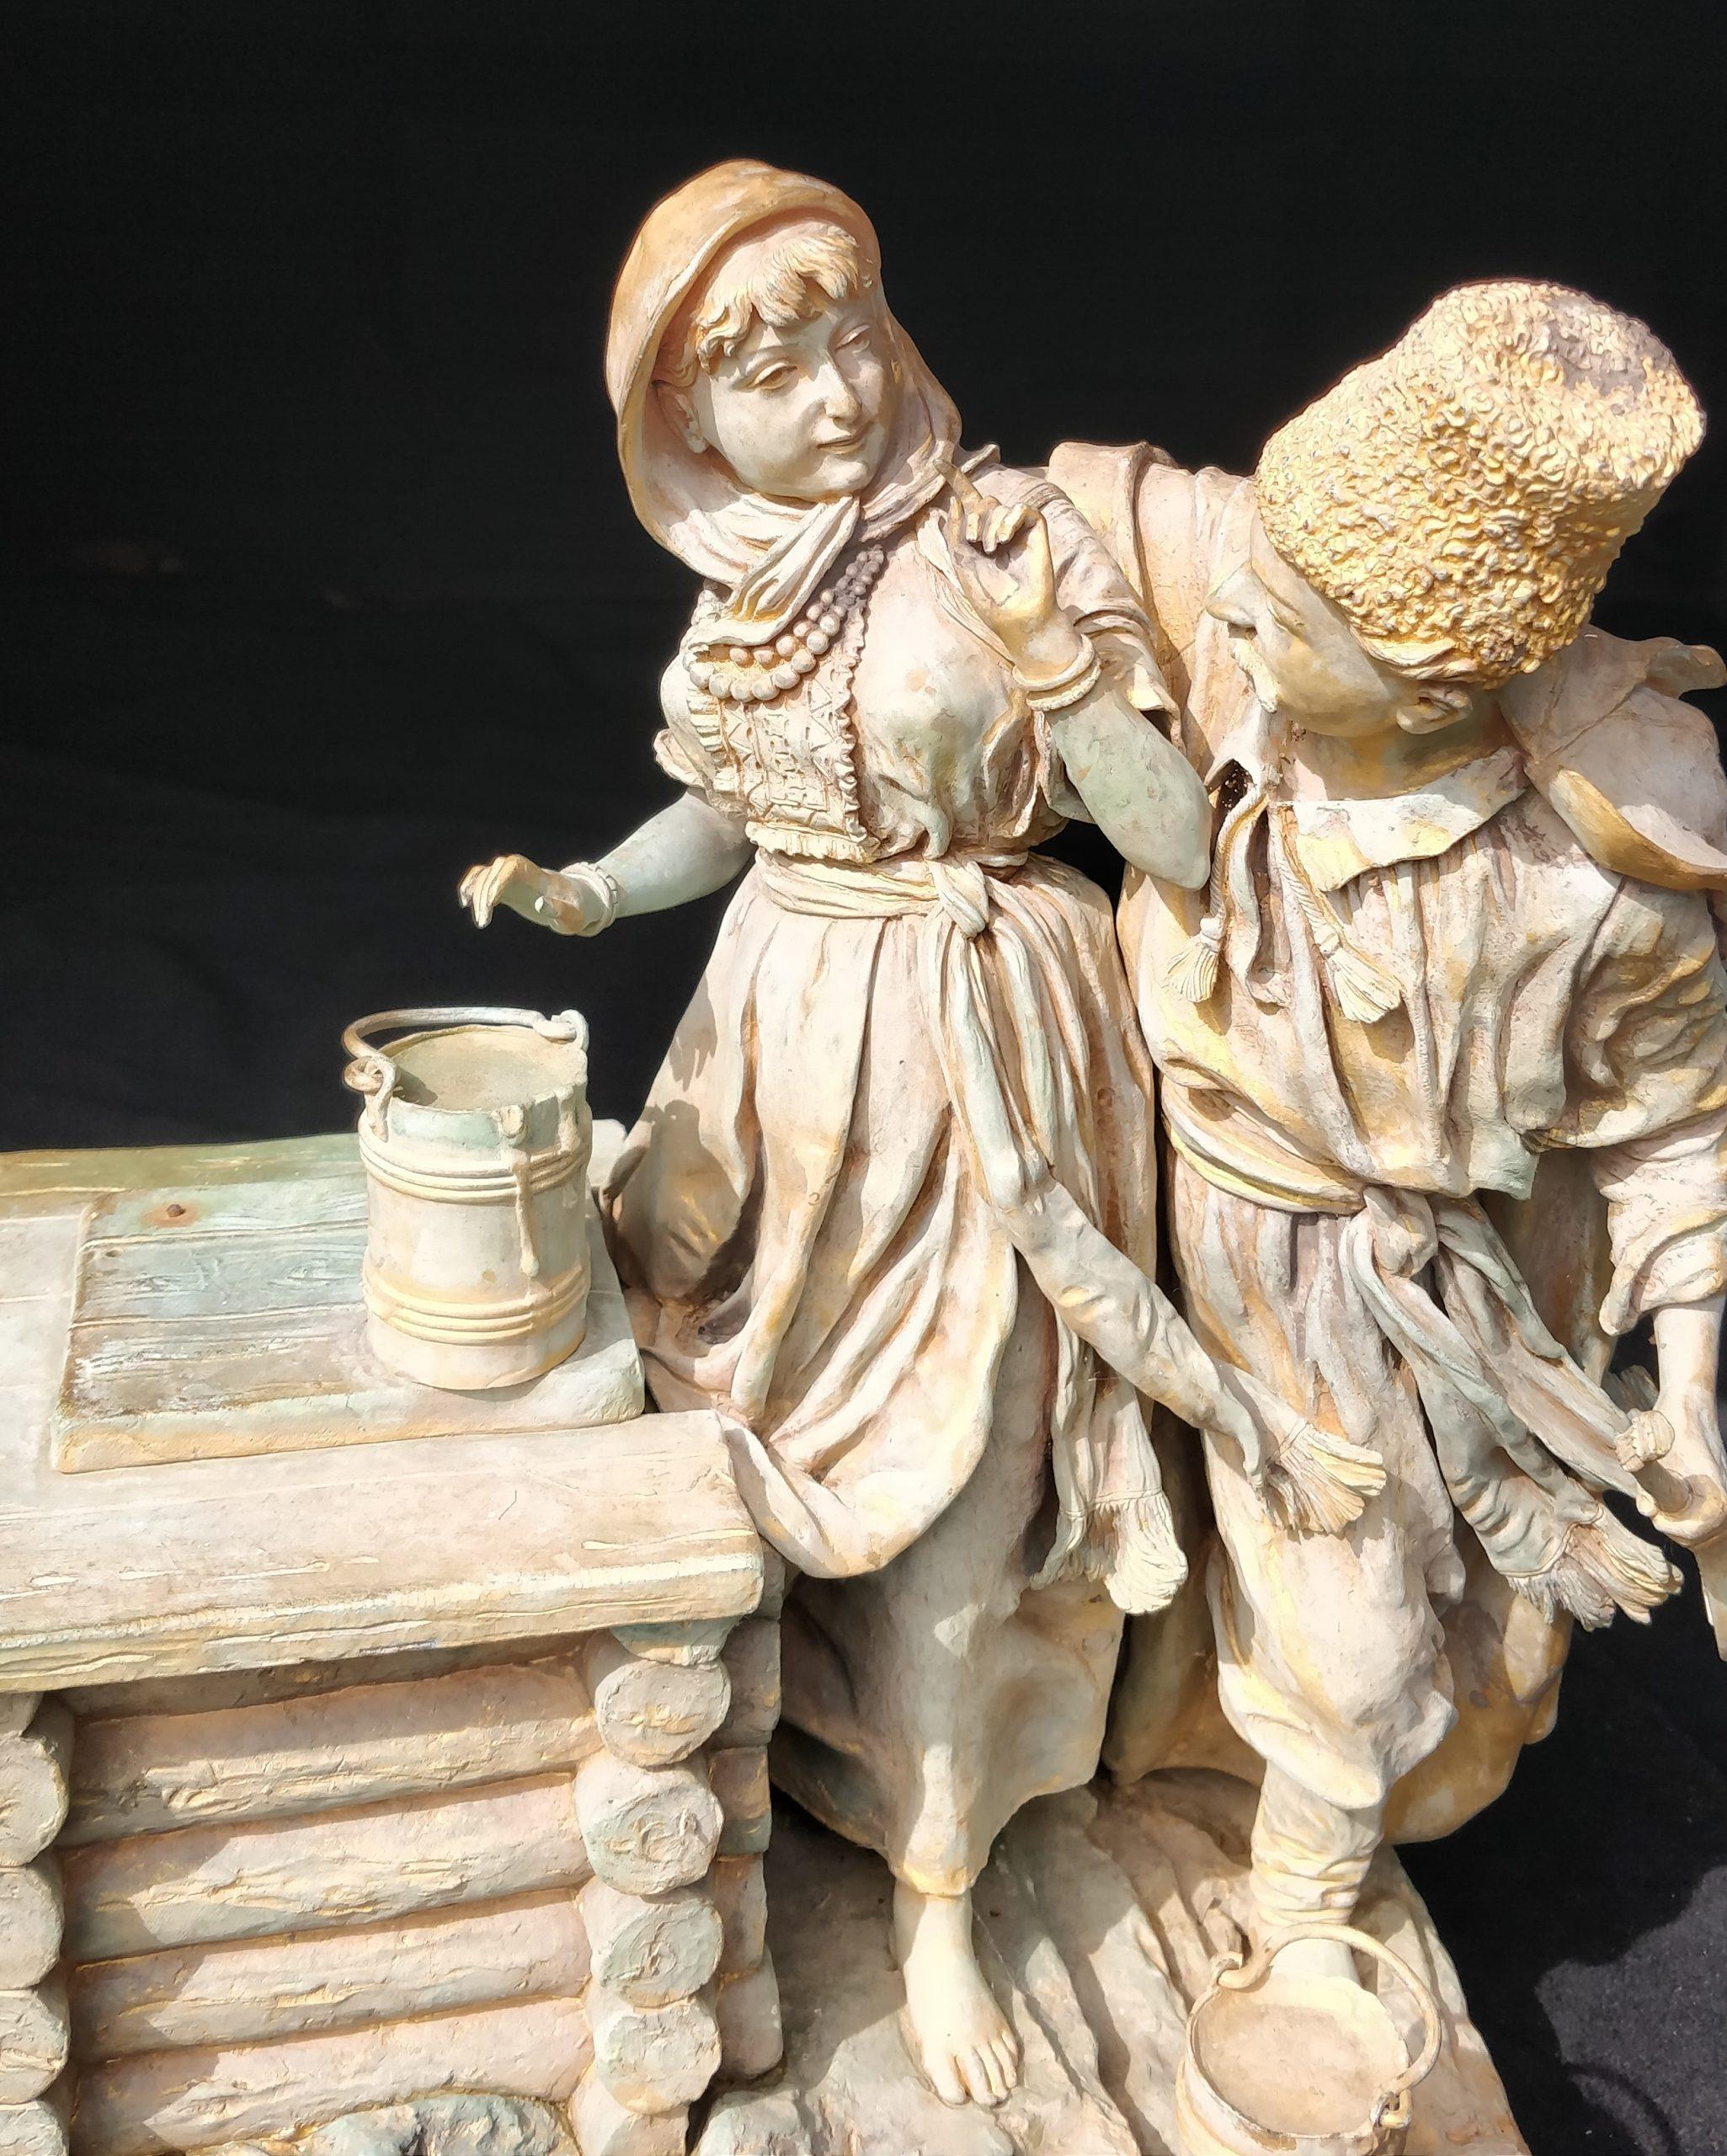 У колодца Василий Грачев бронза скульптура Собственность Грачева